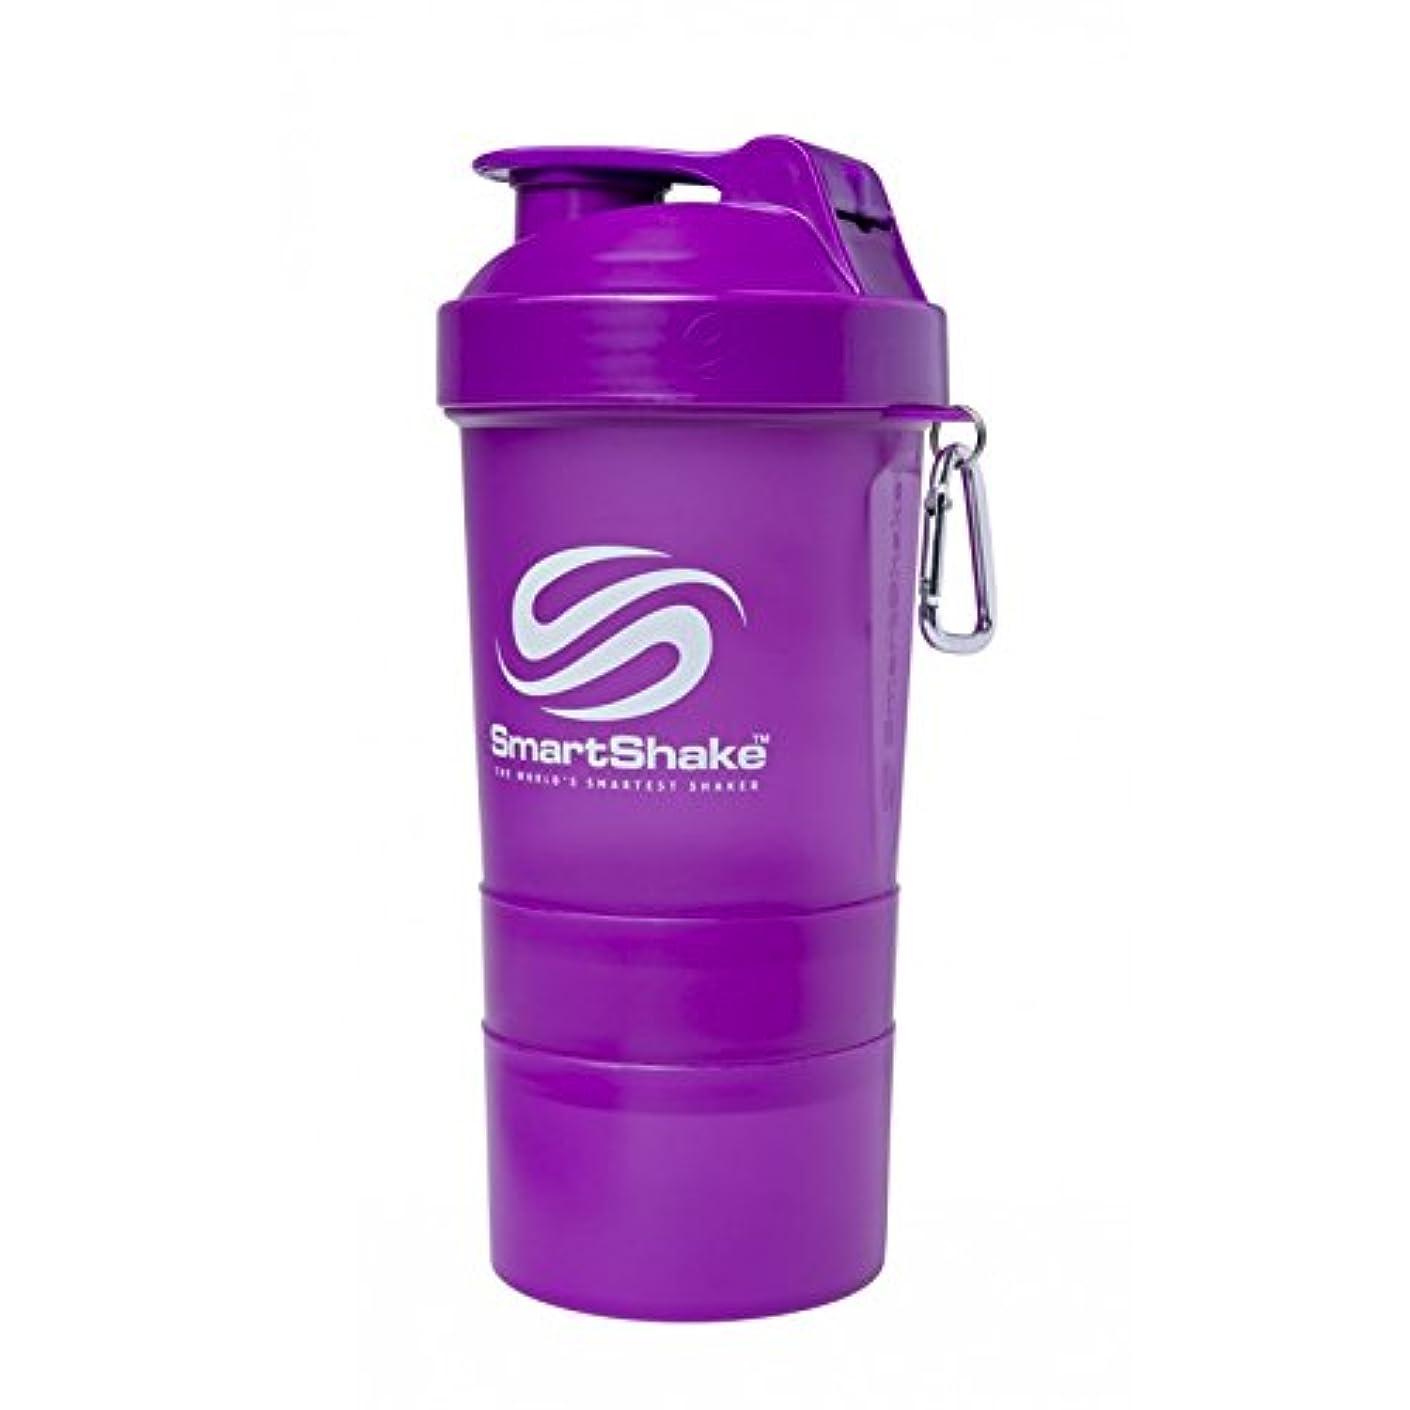 ポスト印象派大きさ五十SmartShake Original Shaker Cup, Neon Purple, 20 oz by smartshake